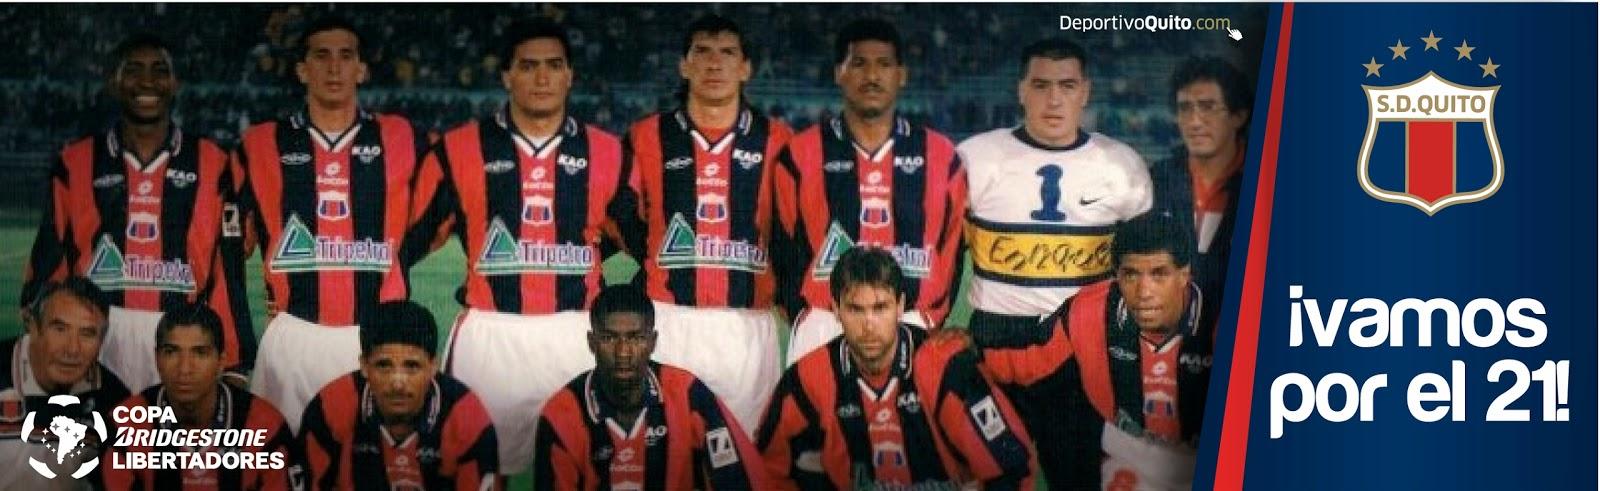 Deportivo Quito vs Botafogo en Vivo